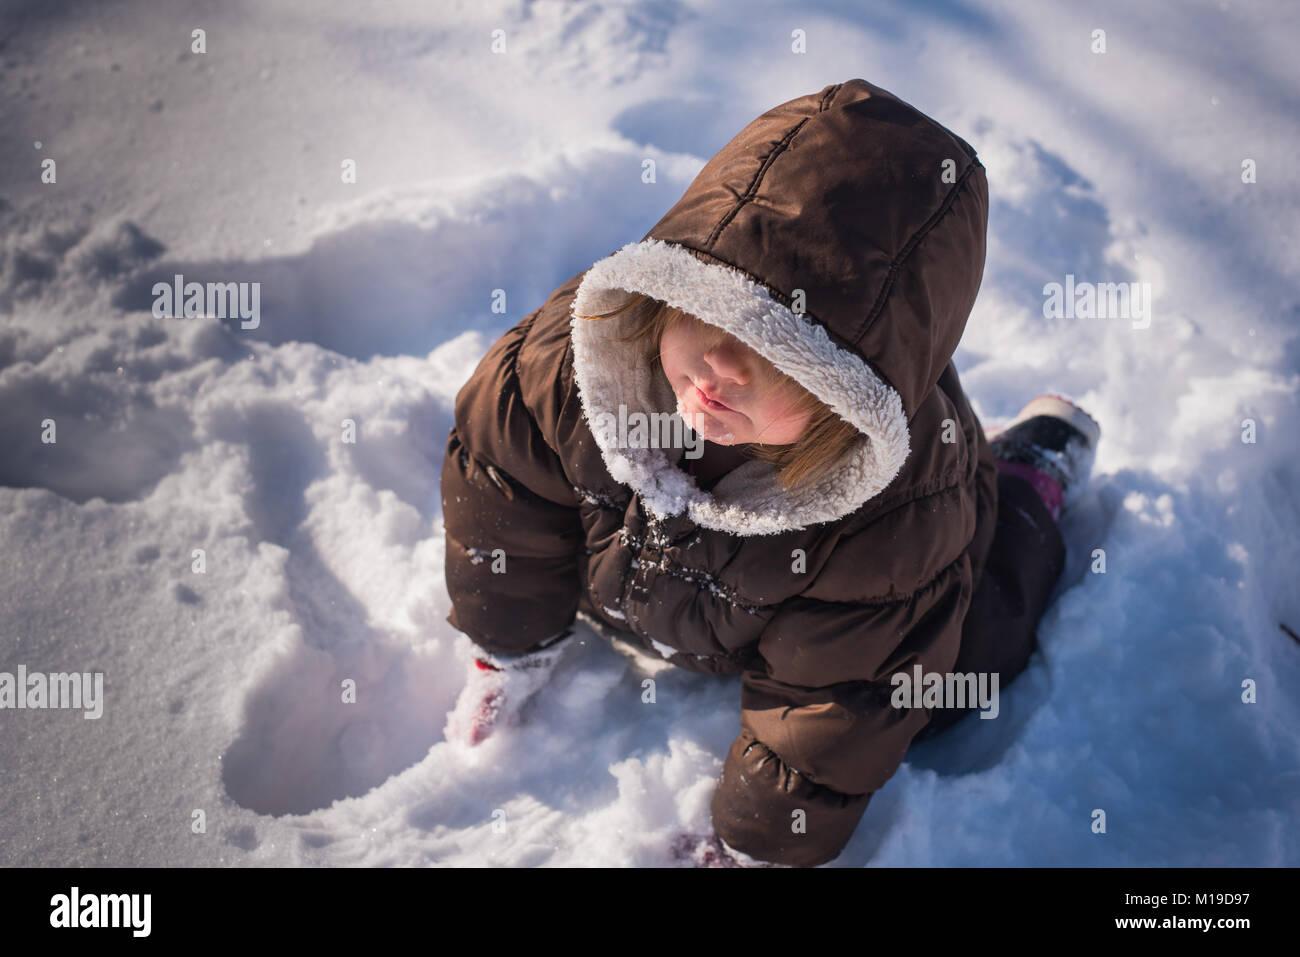 Regardant vers le bas à 3 ans bébé fille portant un manteau d'hiver et assis dans la neige. Photo Stock